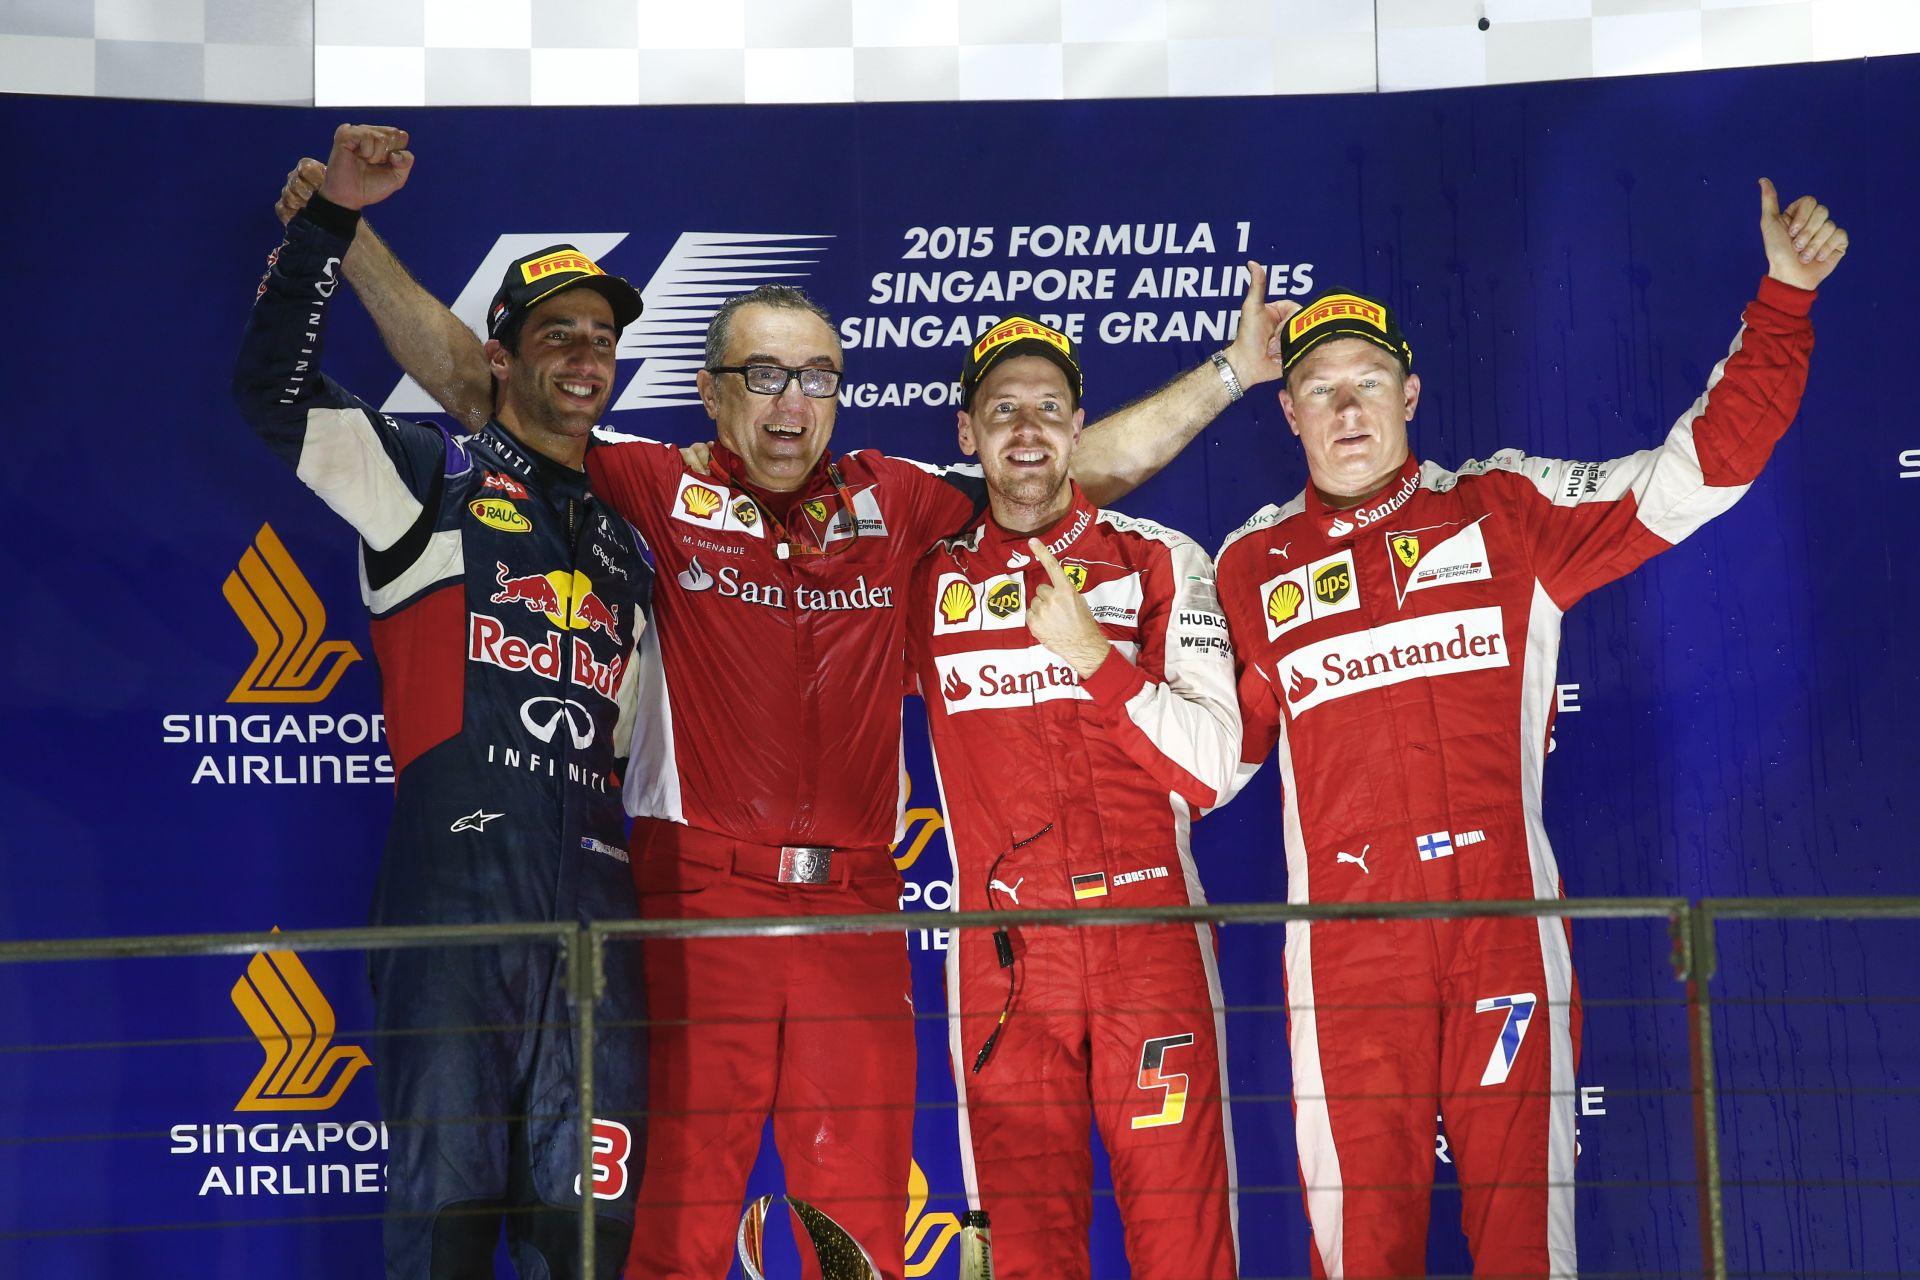 Felvételek a Szingapúri Nagydíj leintését követően: megőrültek a Ferrarinál!